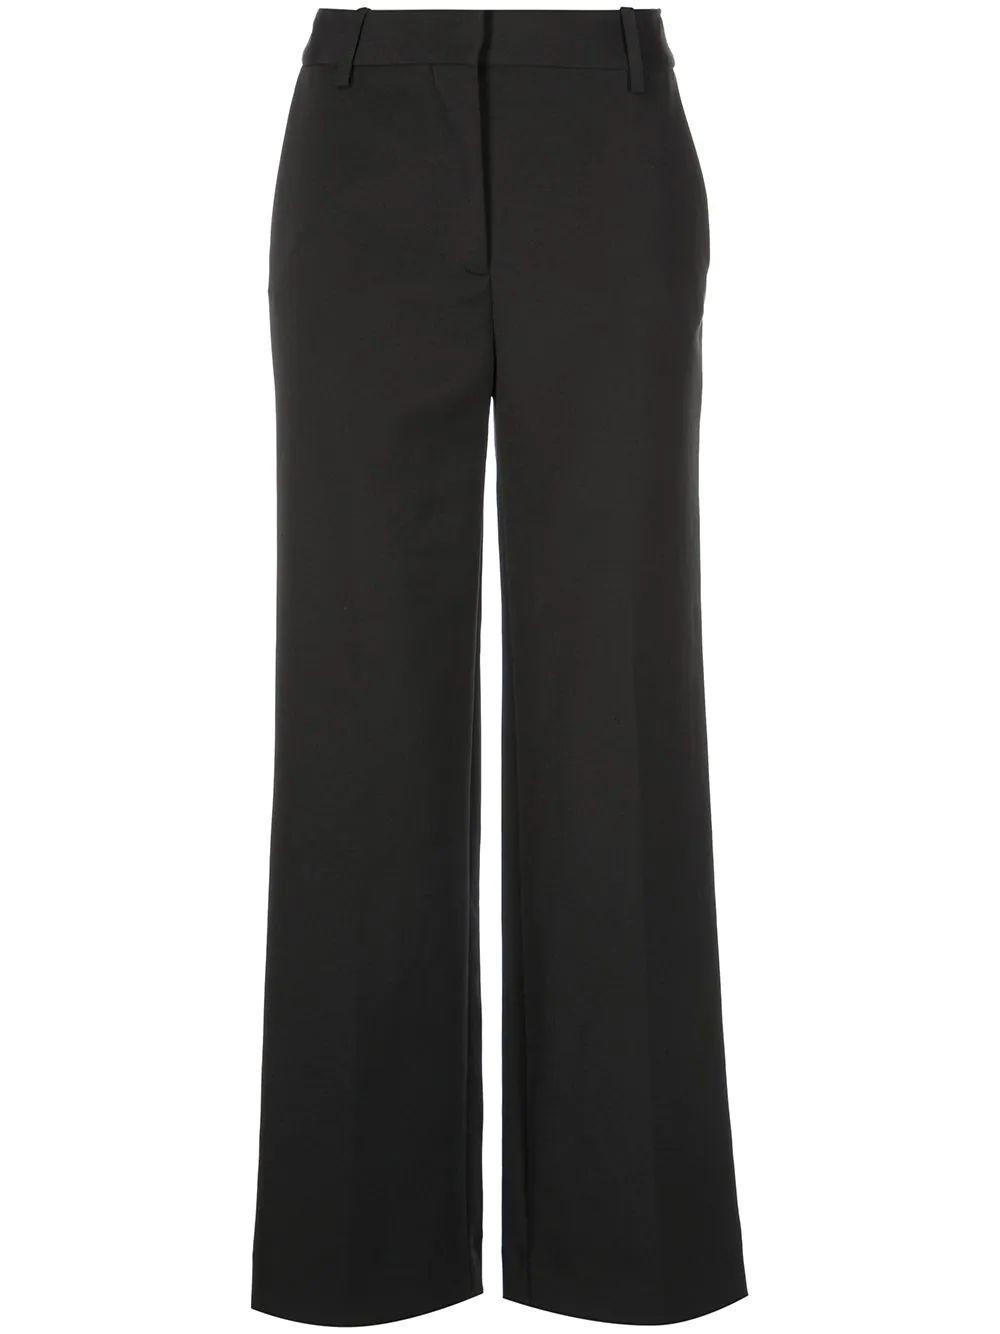 Straight Leg Trouser Item # 2321WTR002694A